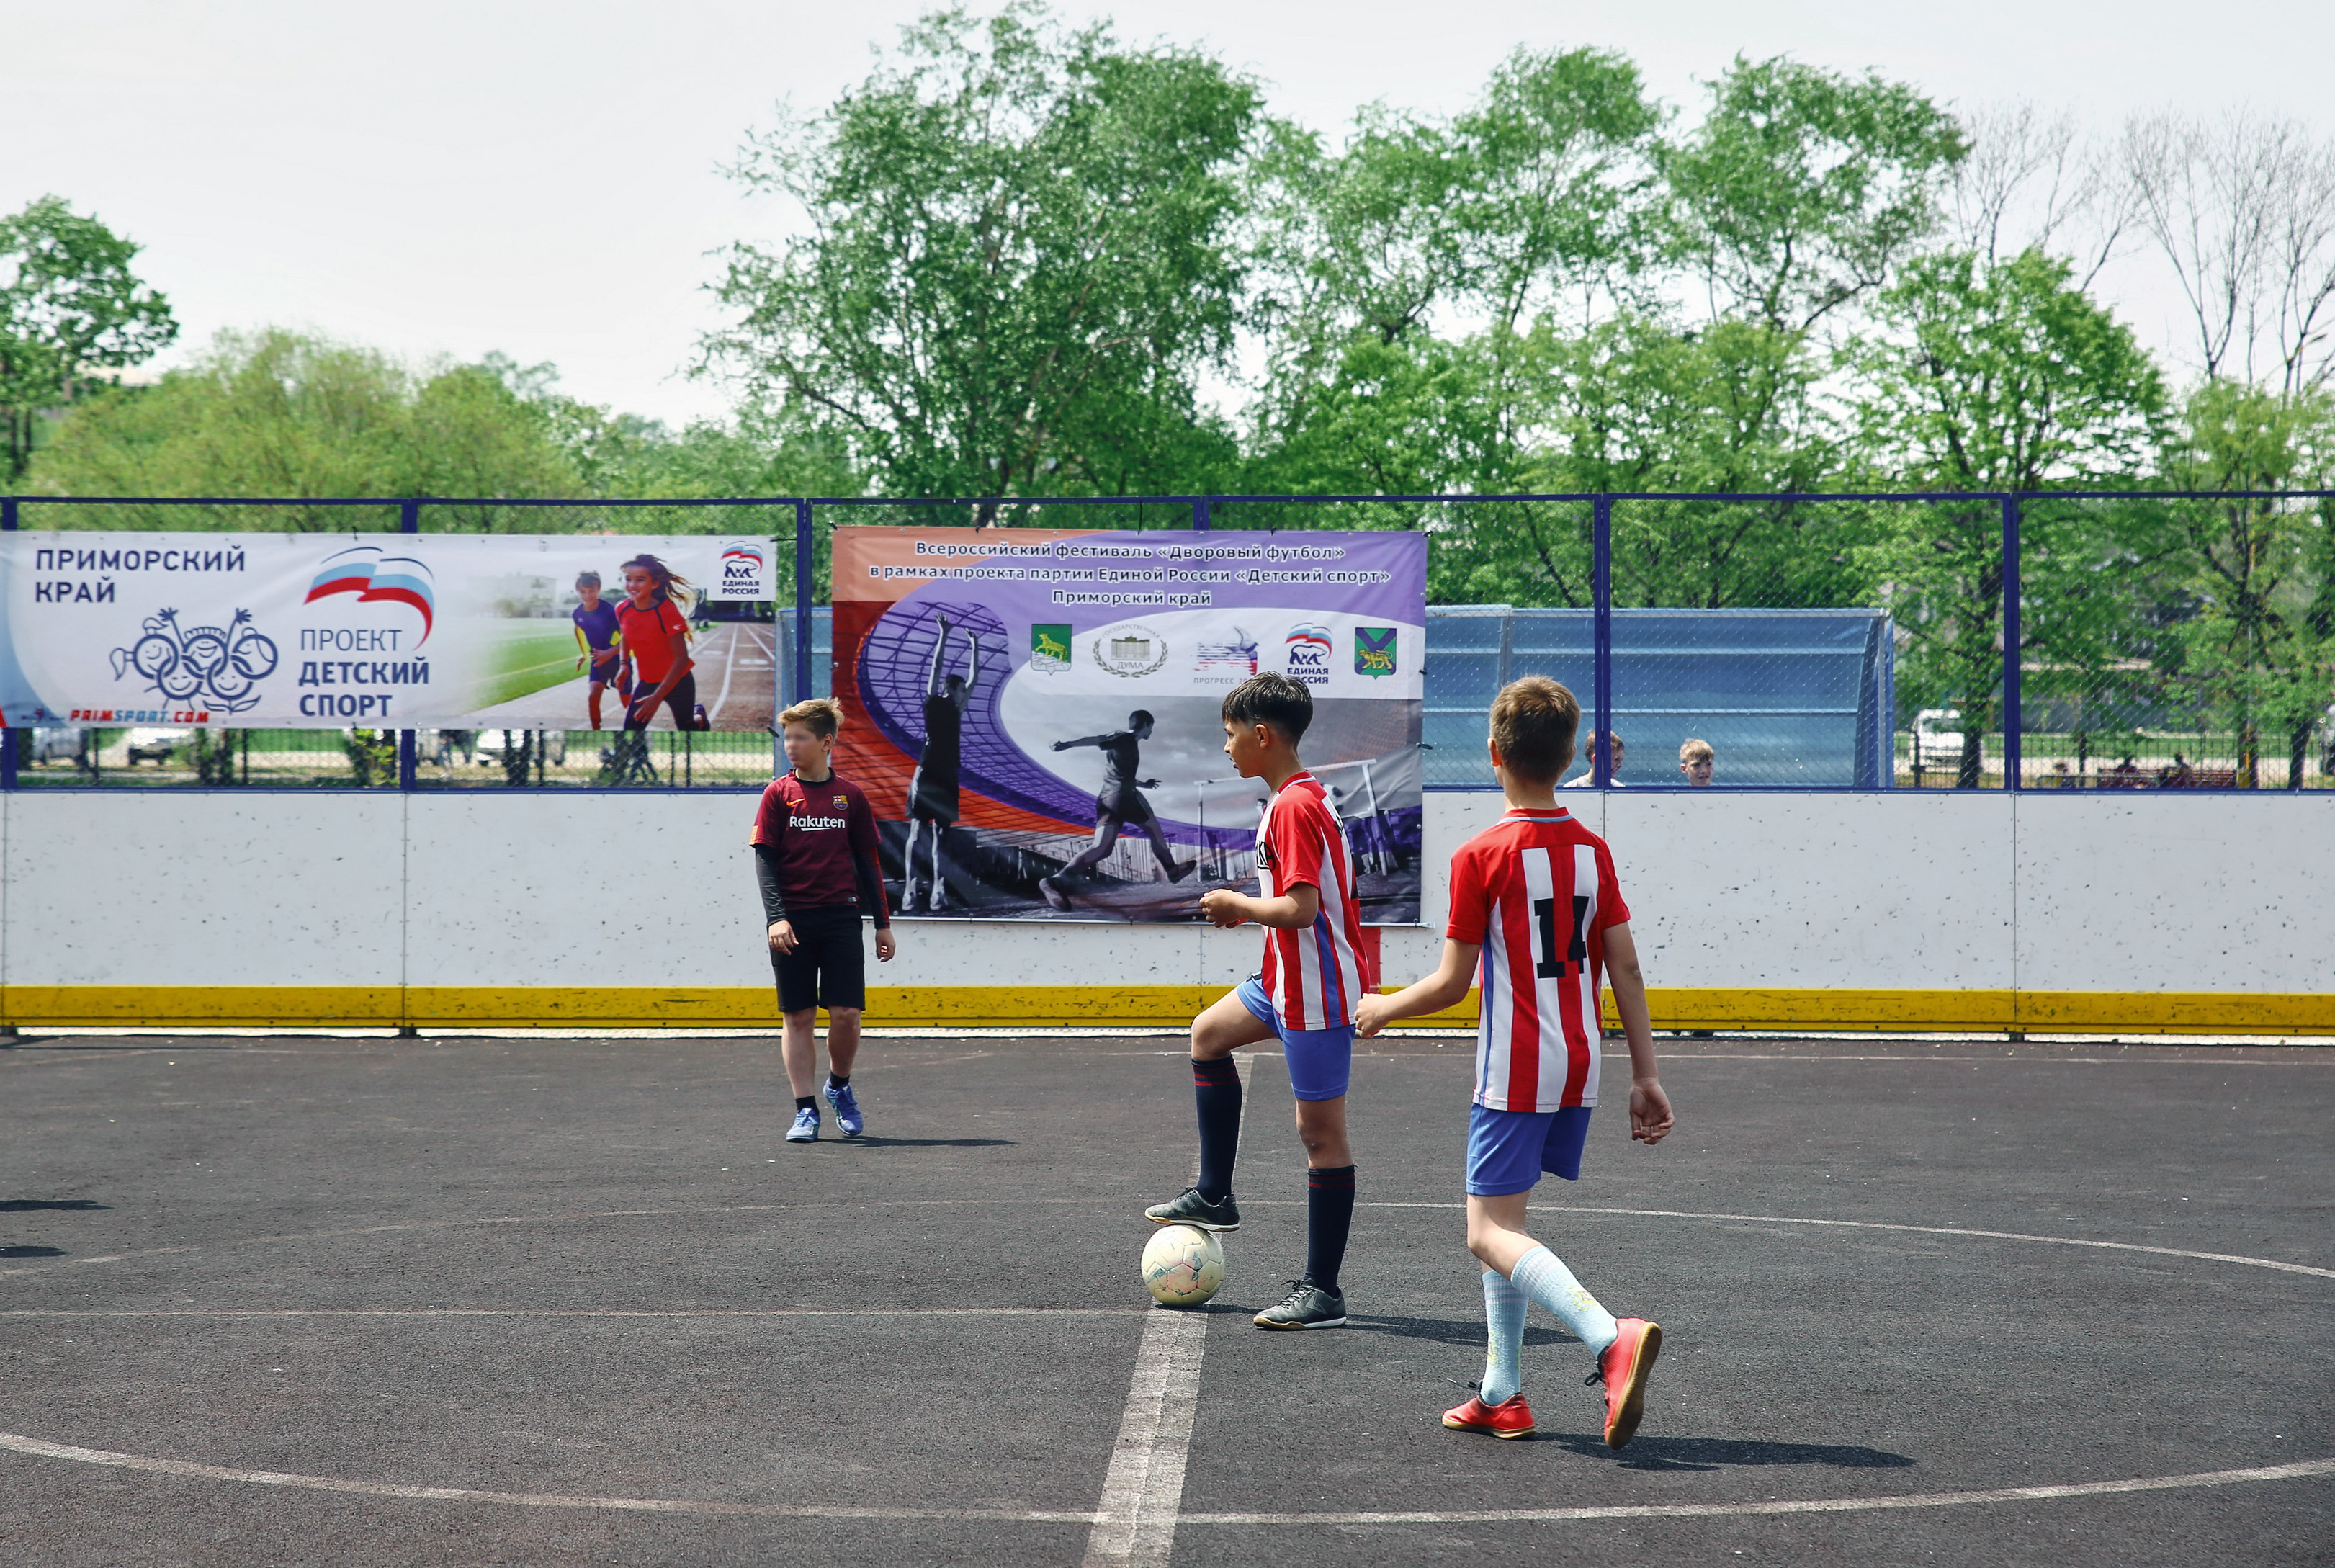 «Единая Россия» запускает общественный мониторинг строительства спортивных объектов в регионах